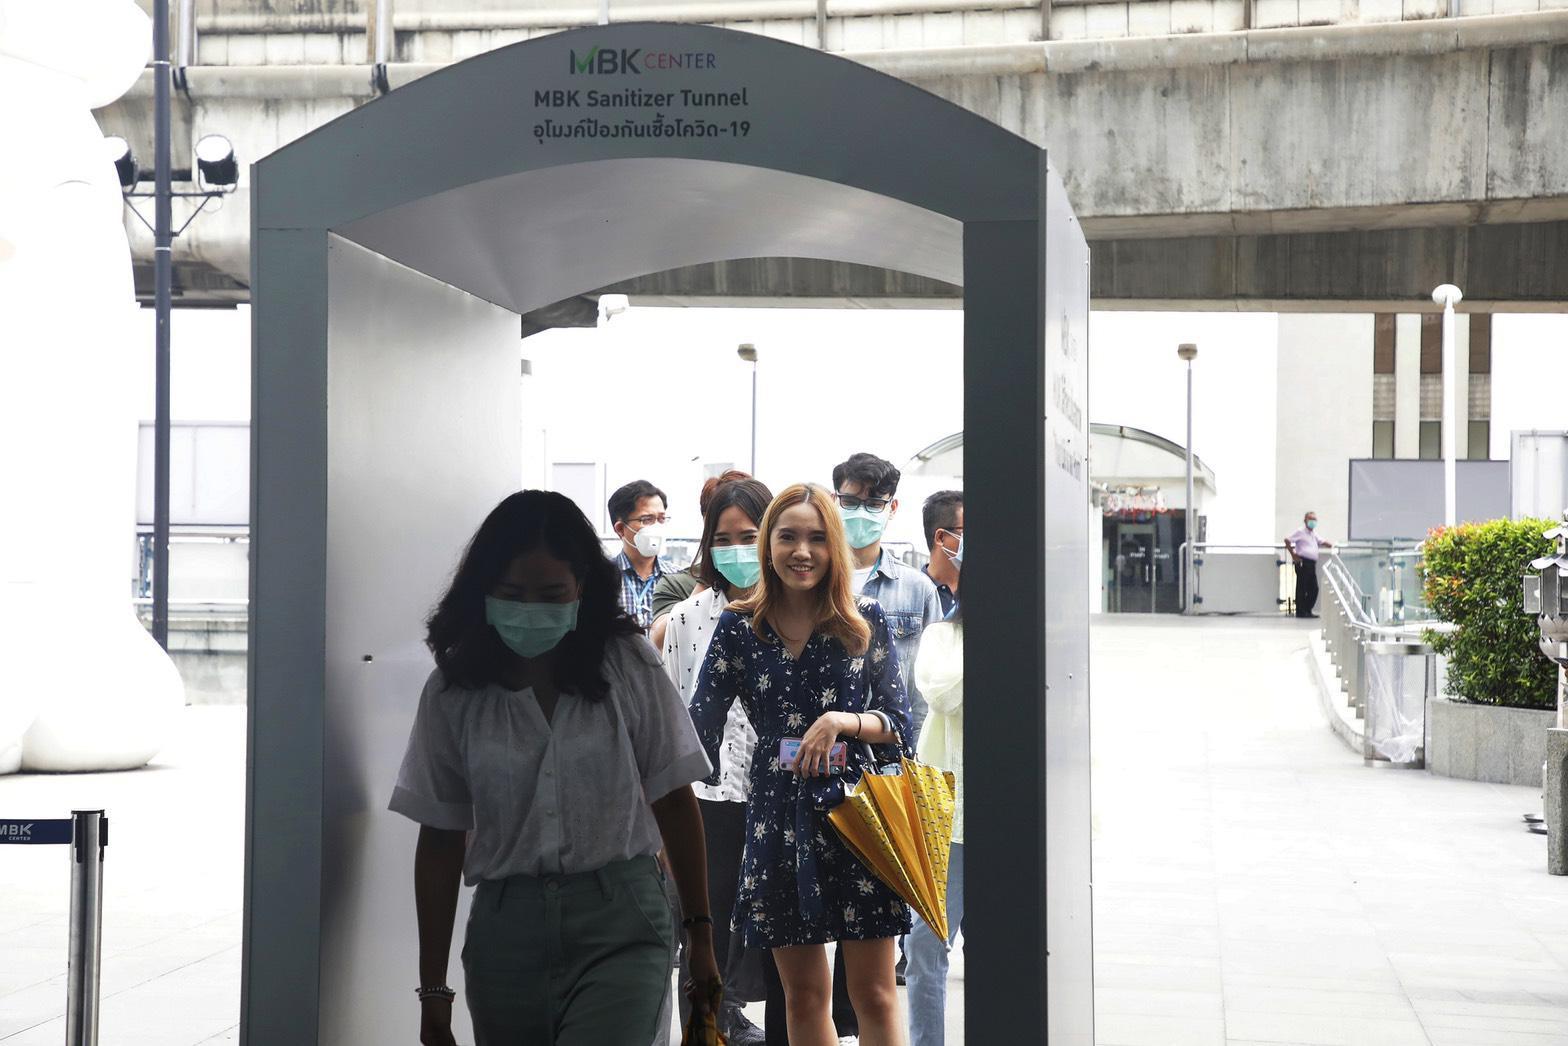 """เอ็ม บี เค เซ็นเตอร์ ติดตั้งอุโมงค์ป้องกันเชื้อโควิด-19 """"MBK Sanitizer Tunnel"""""""